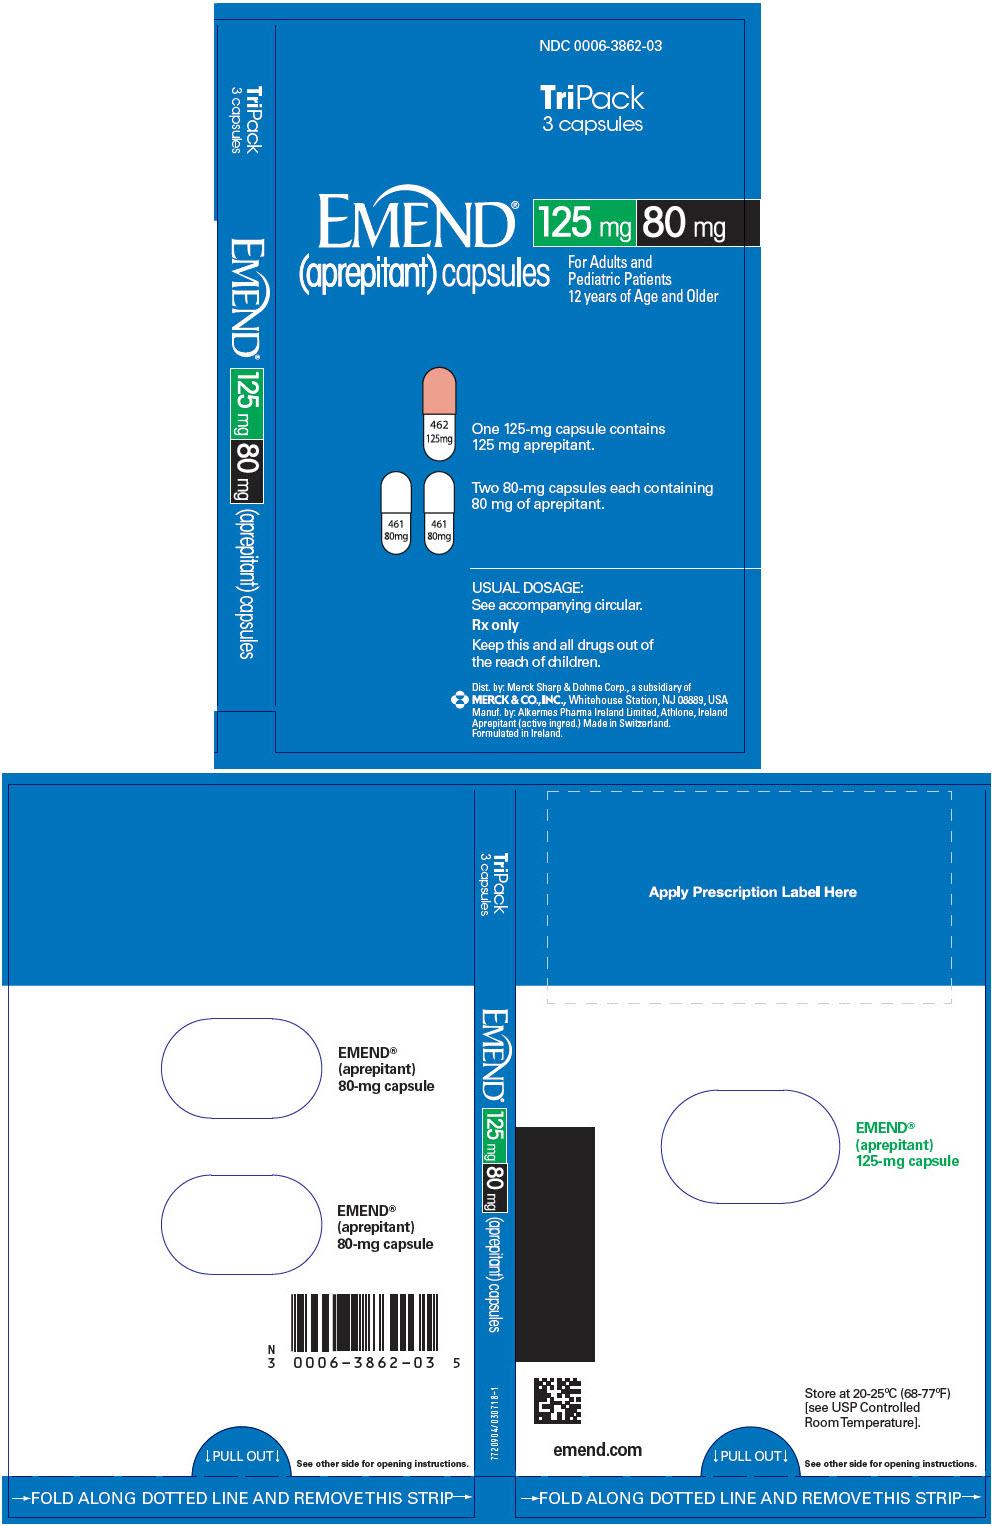 PRINCIPAL DISPLAY PANEL - 3 Capsule Kit Carton